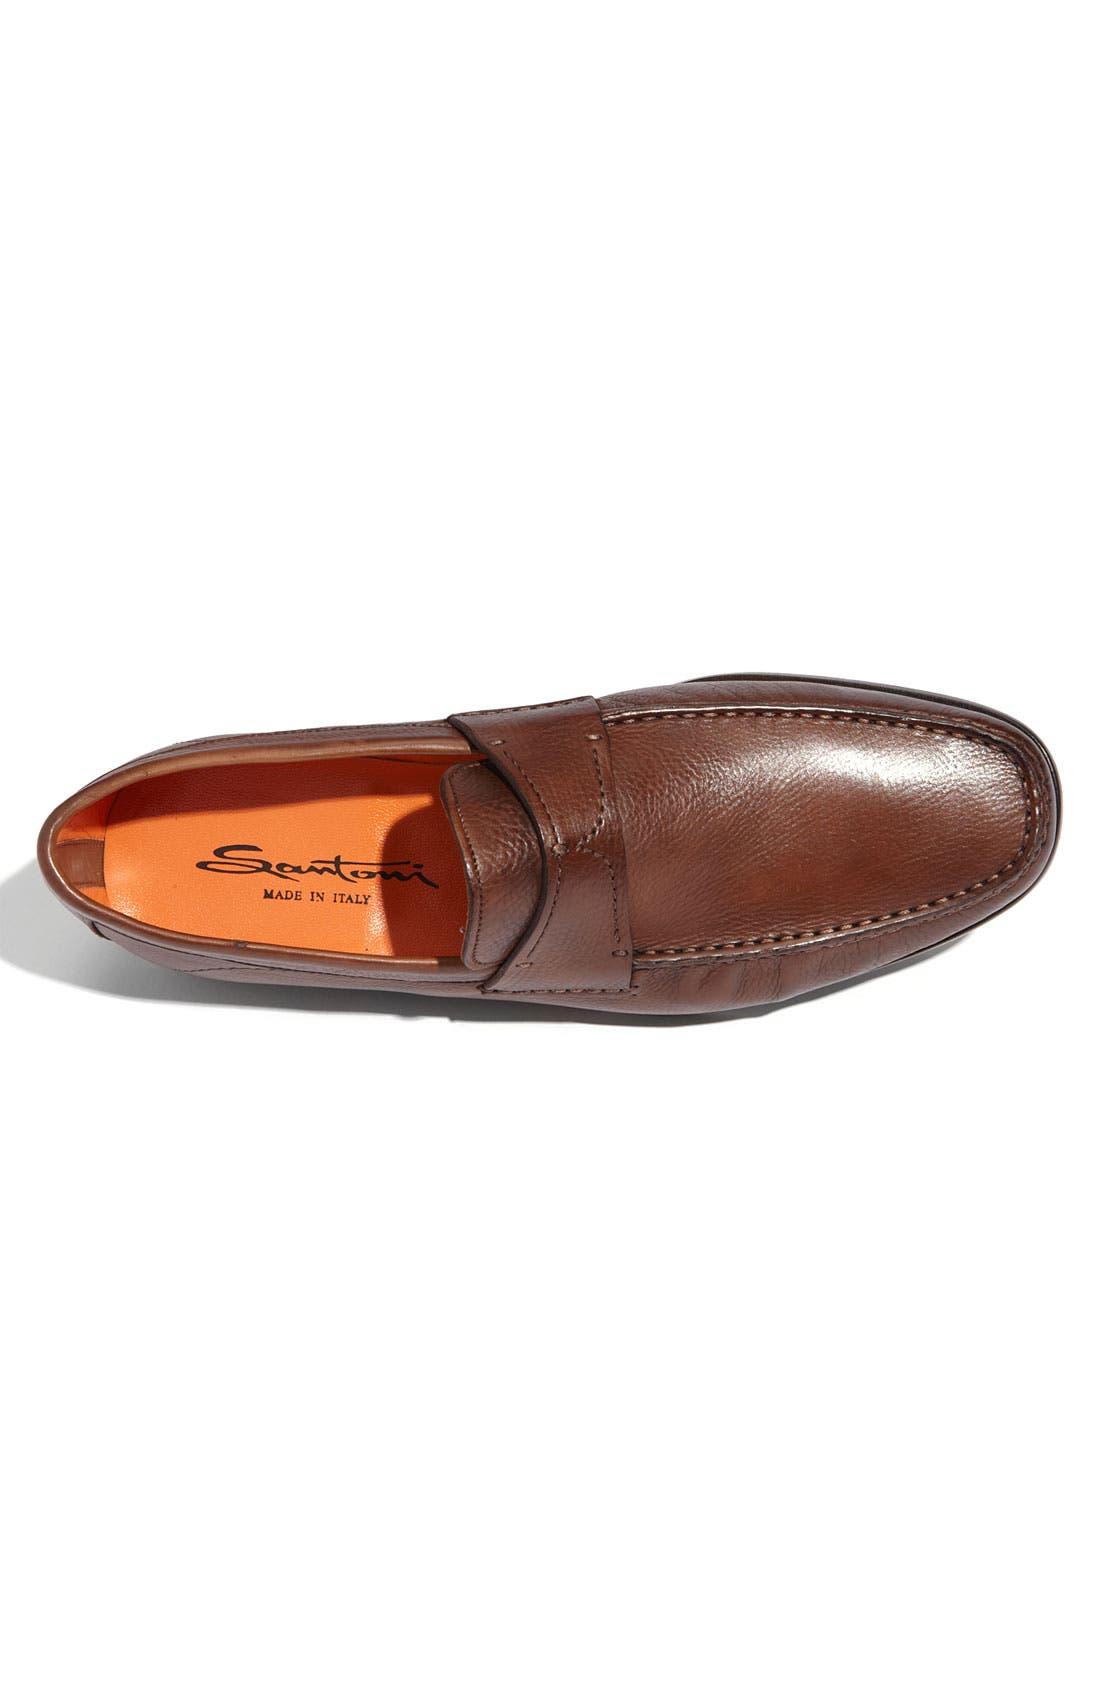 Alternate Image 3  - Santoni 'Quest' Loafer (Men)